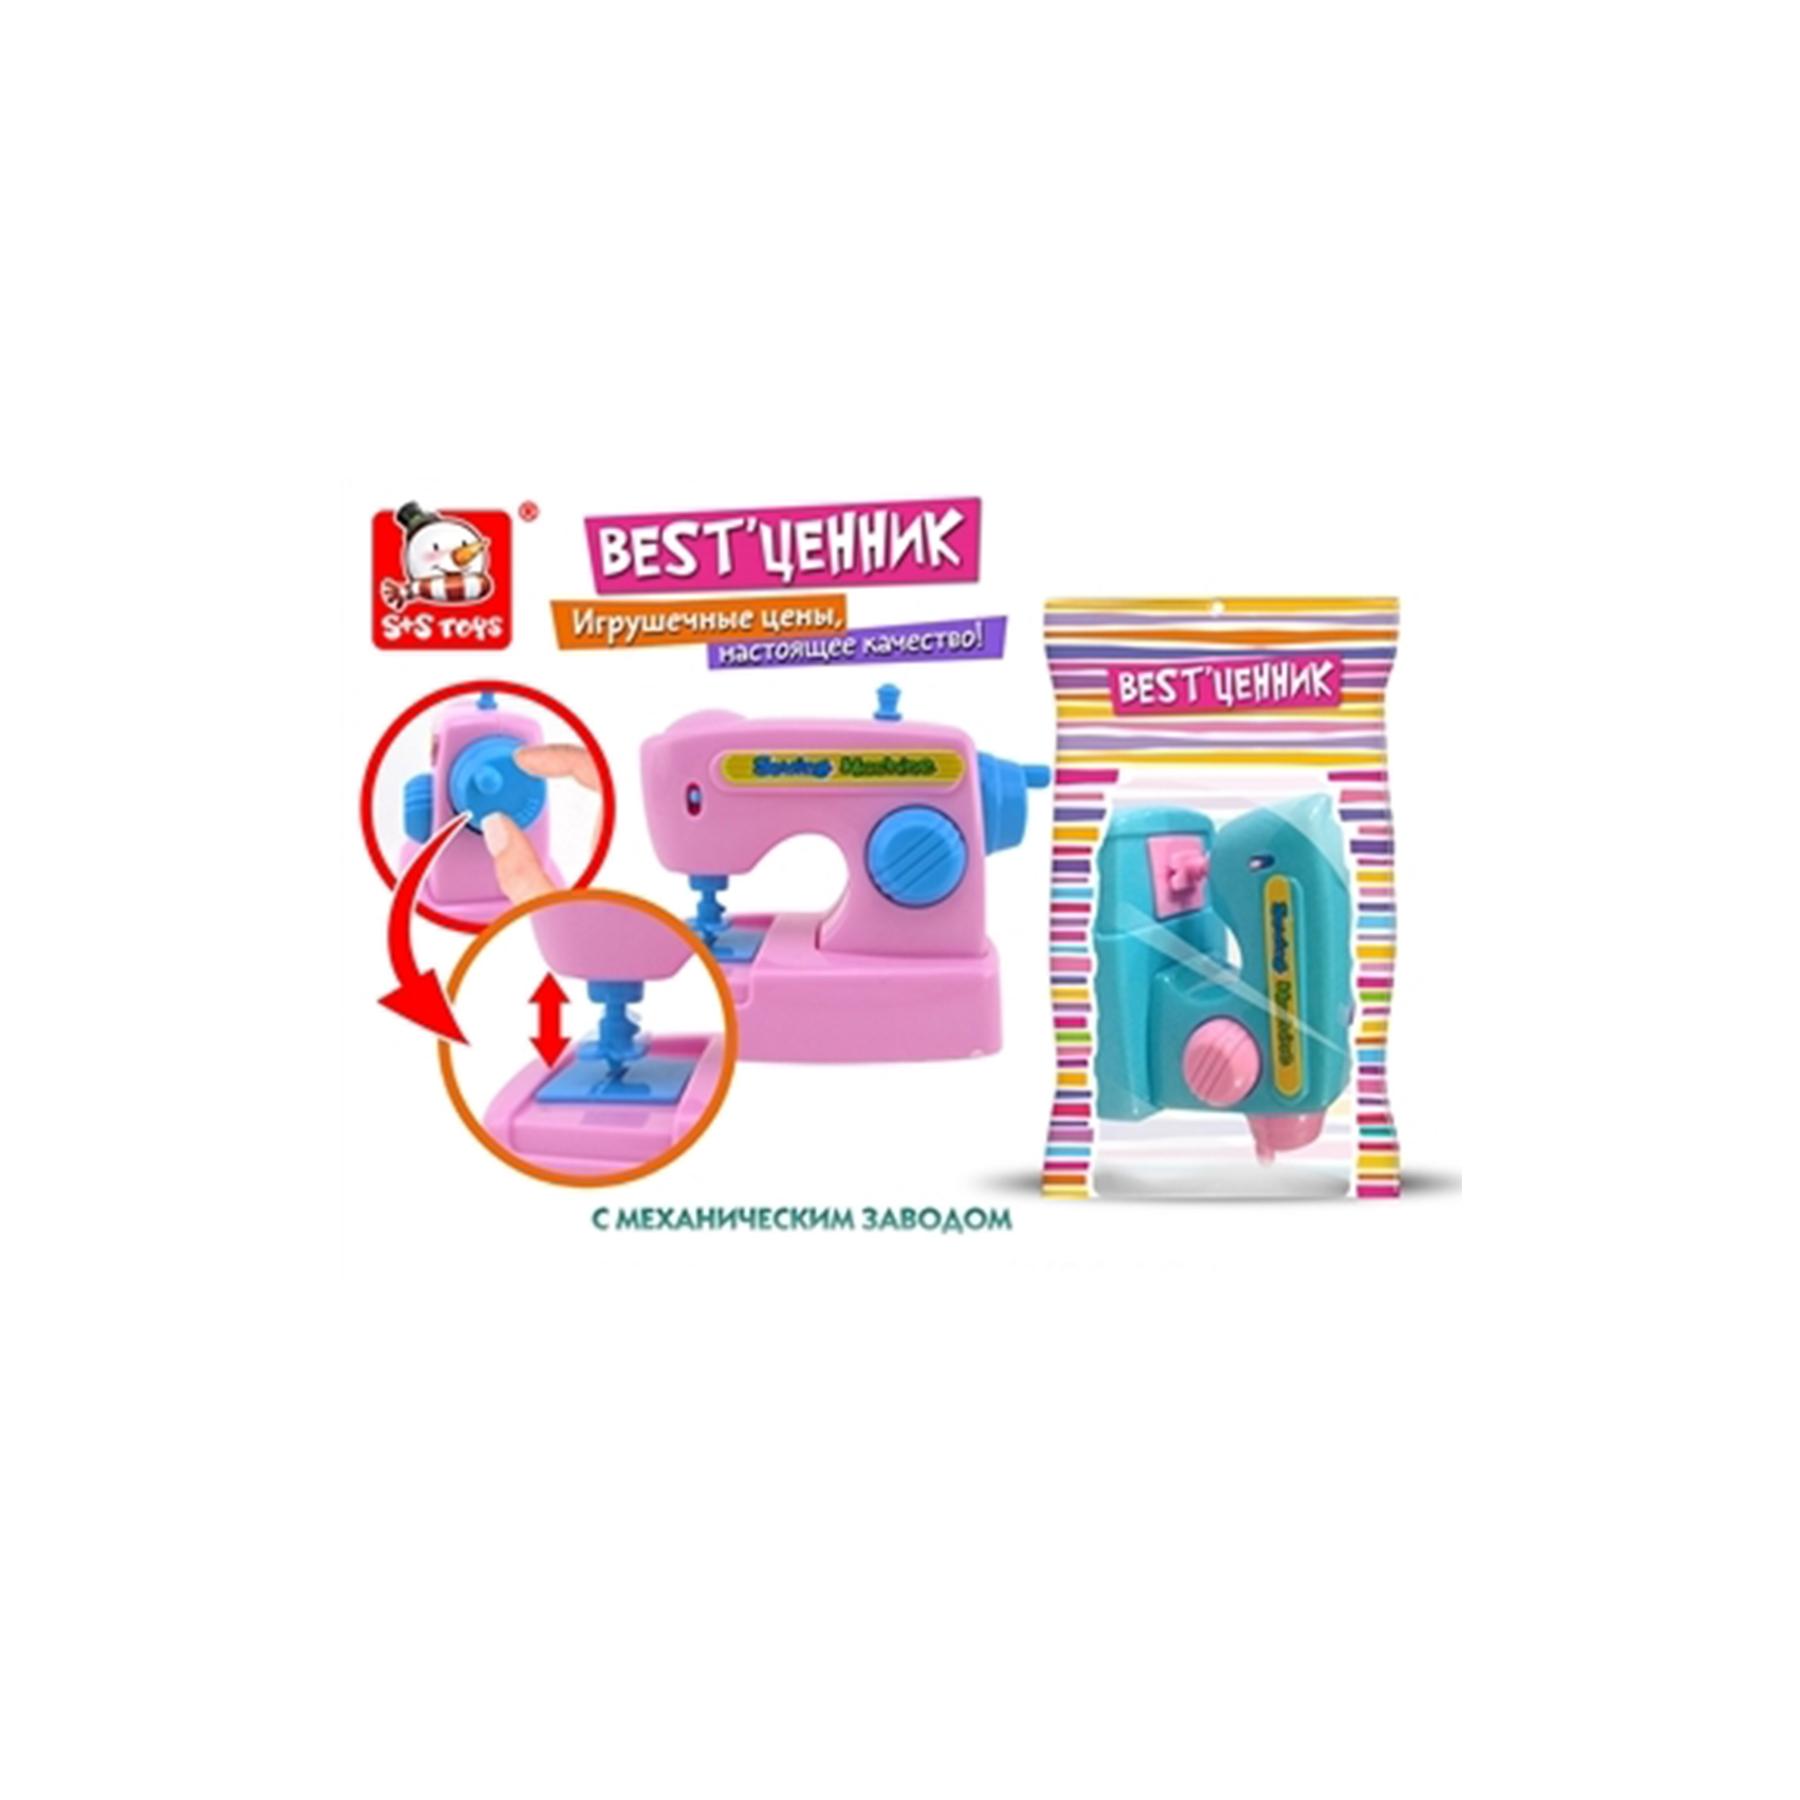 Игрушечная швейная машинка с механическим заводом 100831513 (51303)